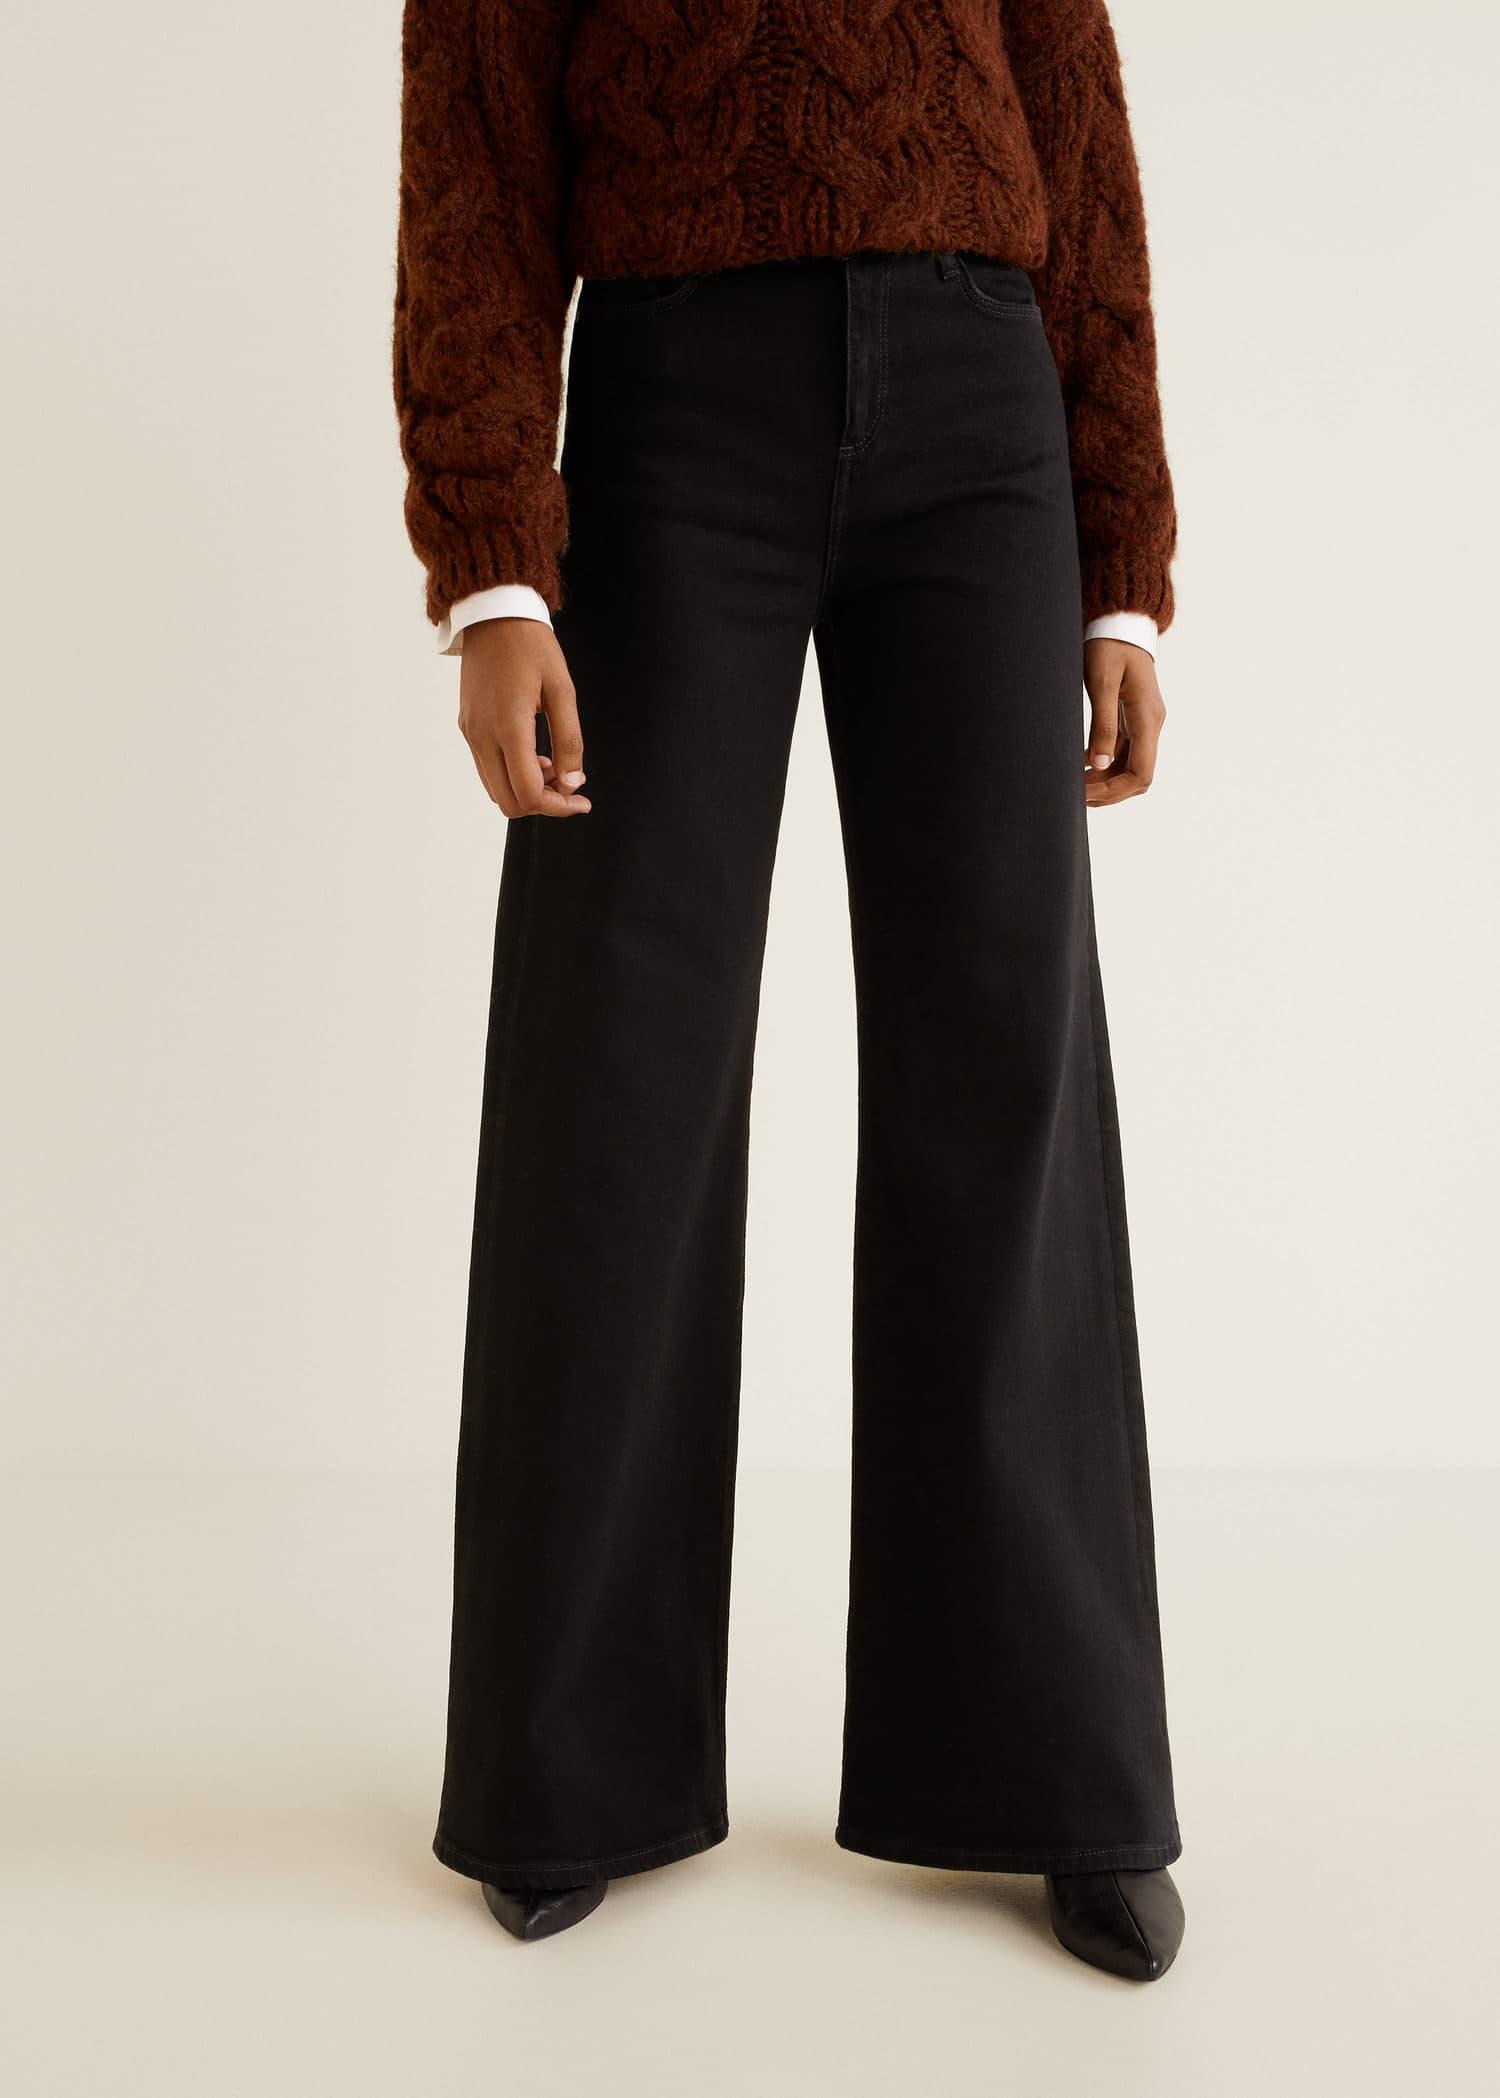 Página web oficial venta outlet estilo exquisito Jeans flare high waist - Vaqueros de Mujer   OUTLET España